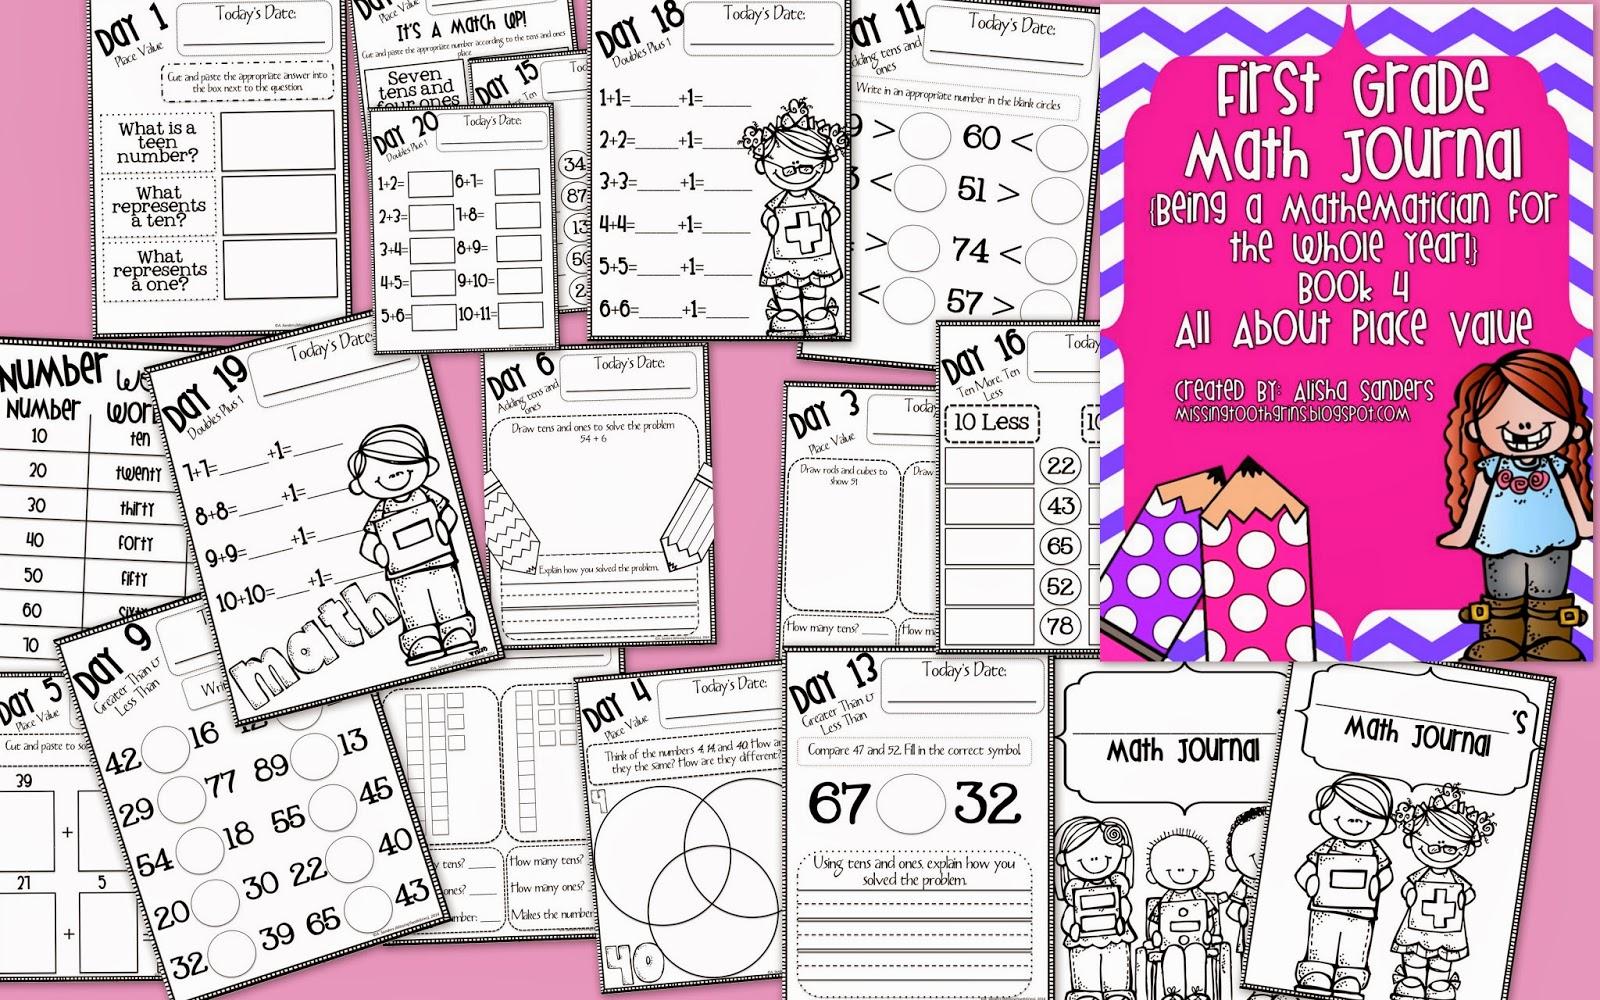 http://www.teacherspayteachers.com/Product/First-Grade-Math-Journal-All-About-Place-Value-1069576